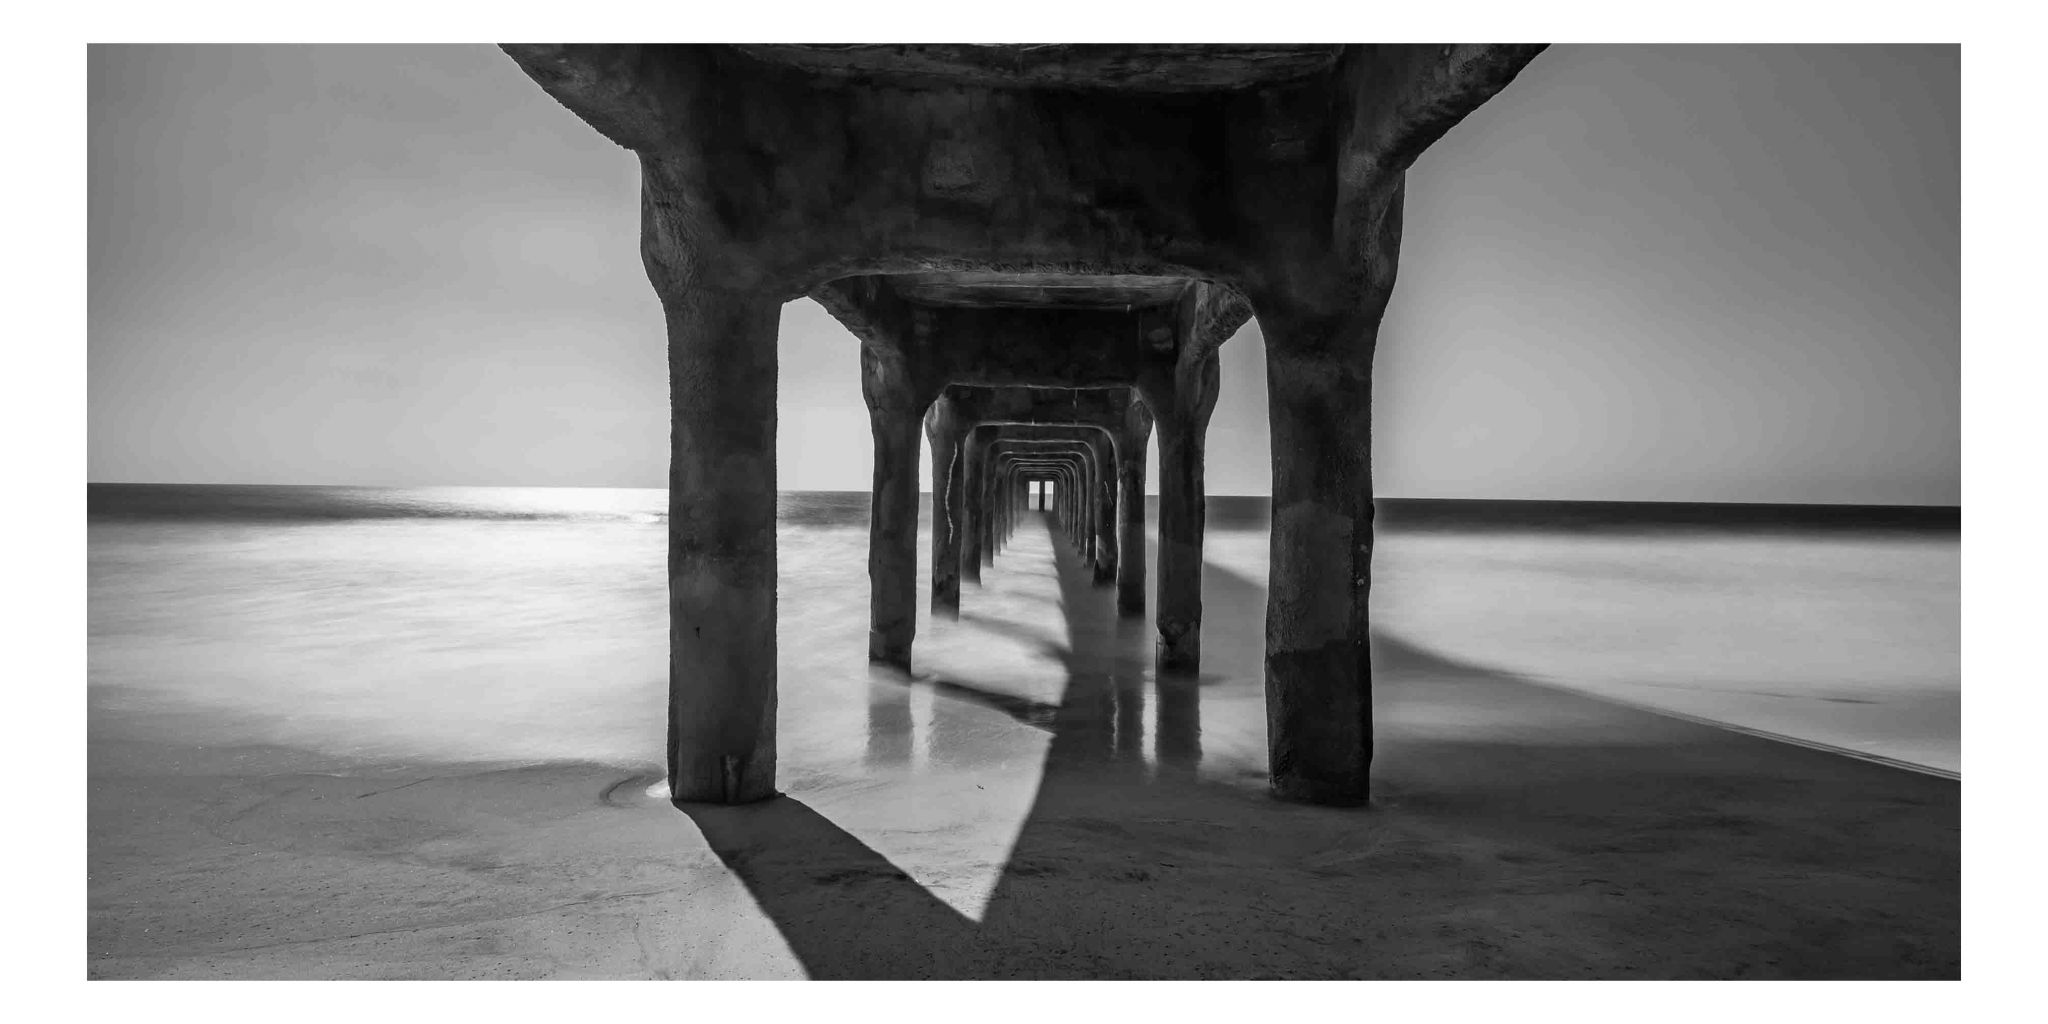 Under Manhattan Pier, USA